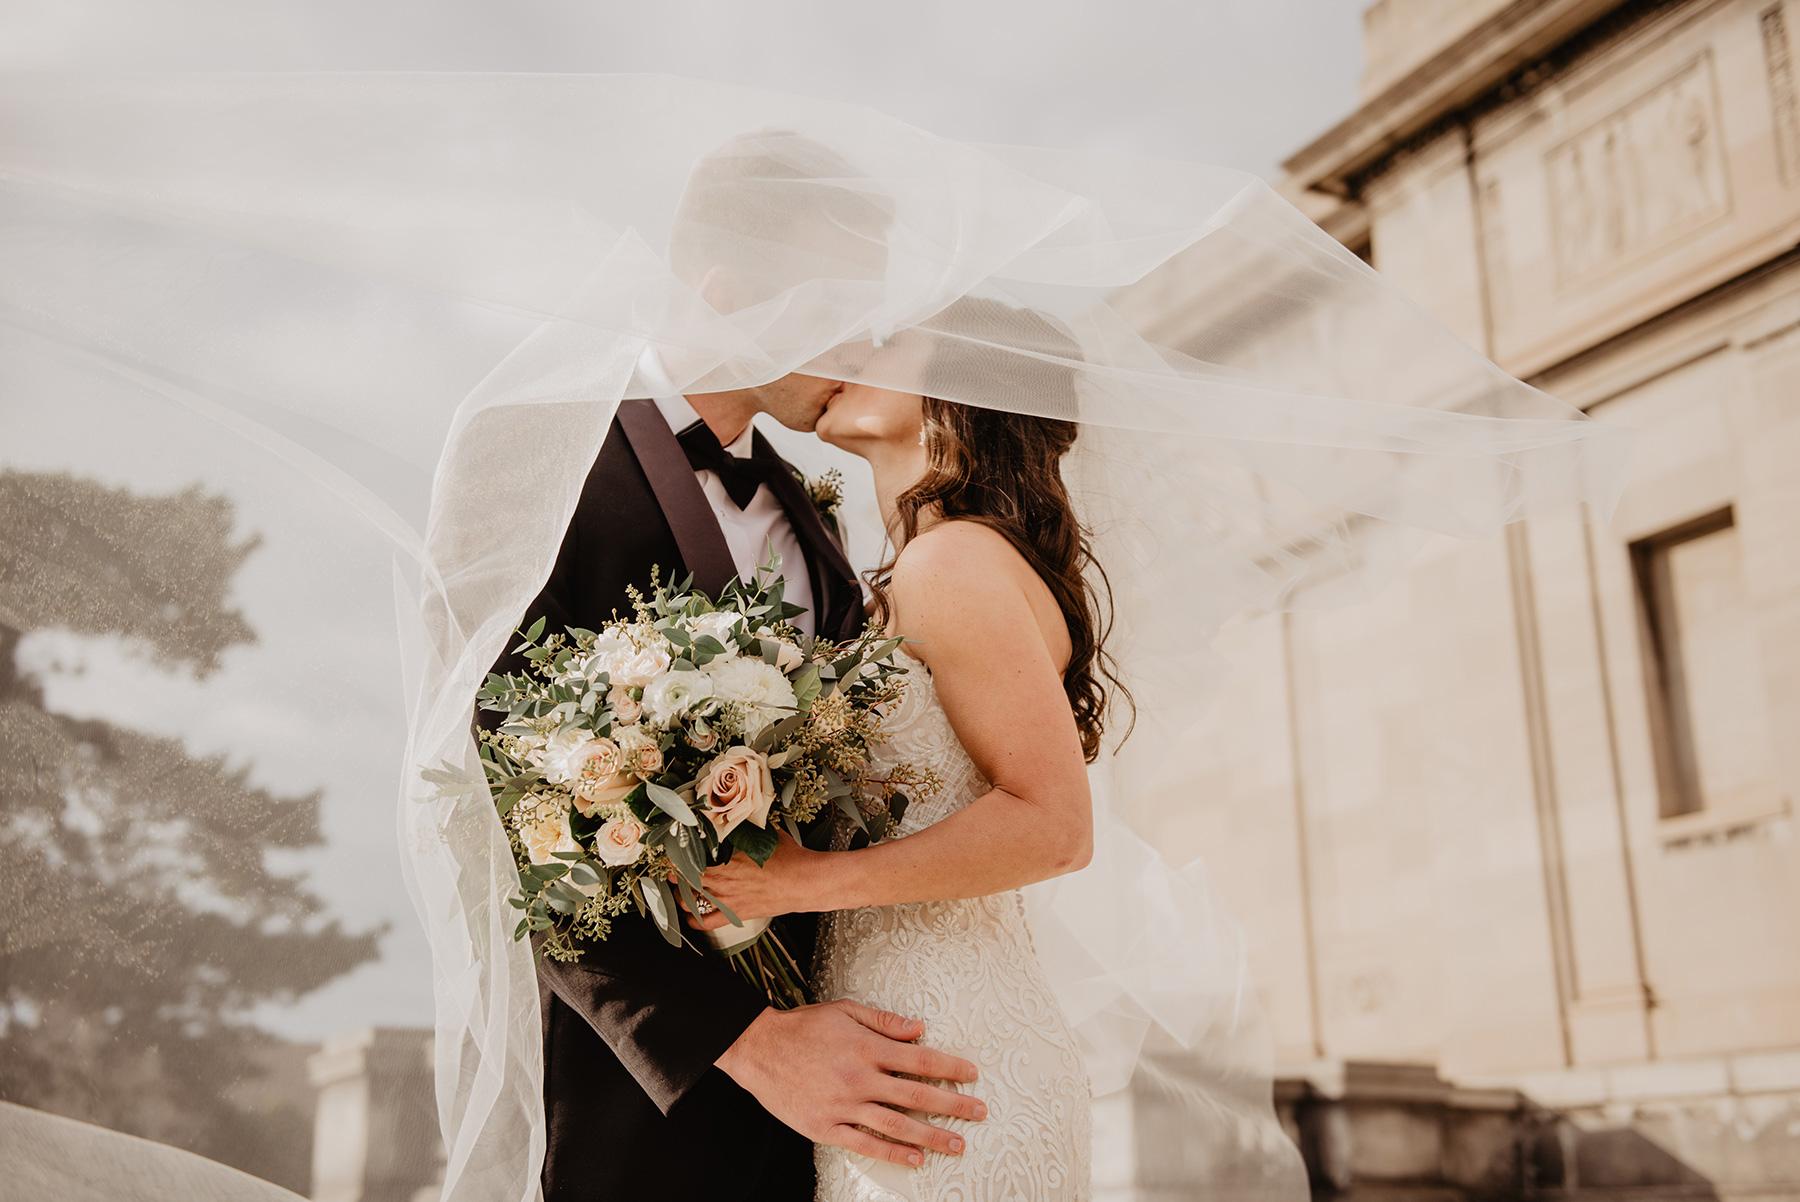 bruid-eindhoven-trouwjurk-header-2